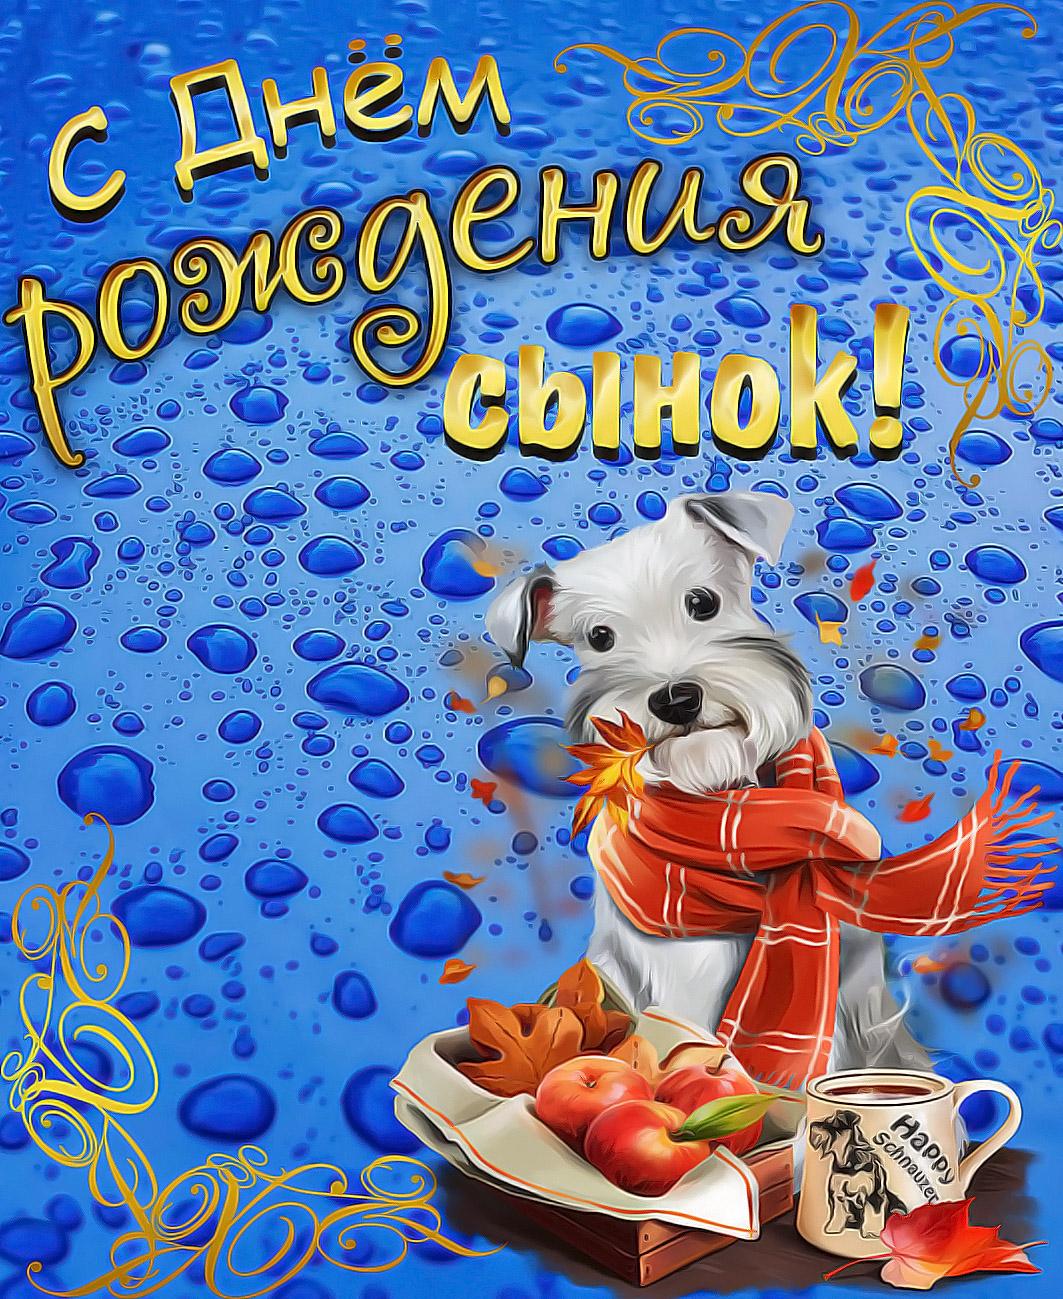 Открытка на День рождения сыну - милая собачка в оранжевом шарфике